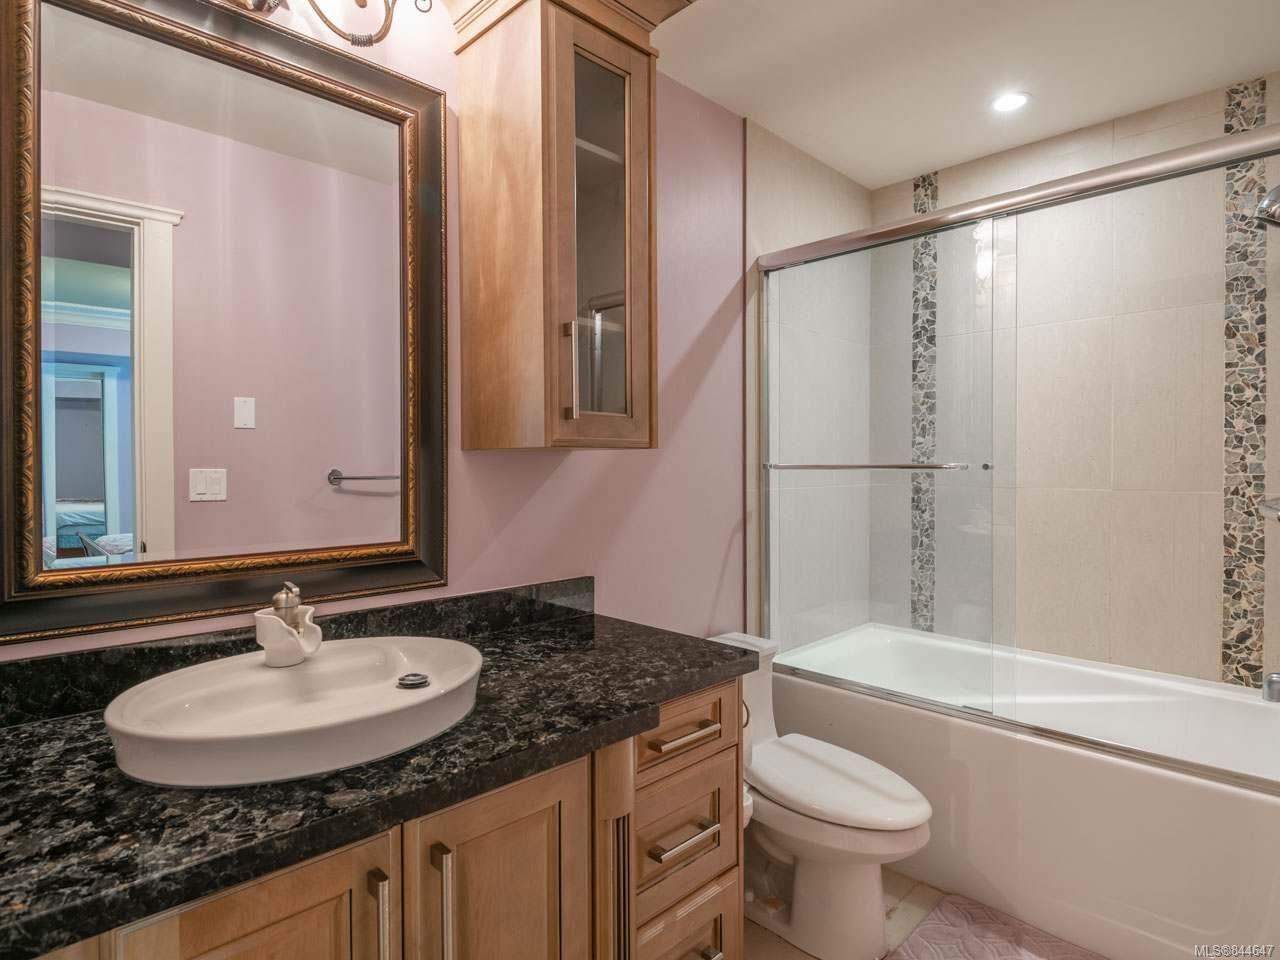 Photo 25: Photos: 4576 Laguna Way in NANAIMO: Na North Nanaimo House for sale (Nanaimo)  : MLS®# 844647